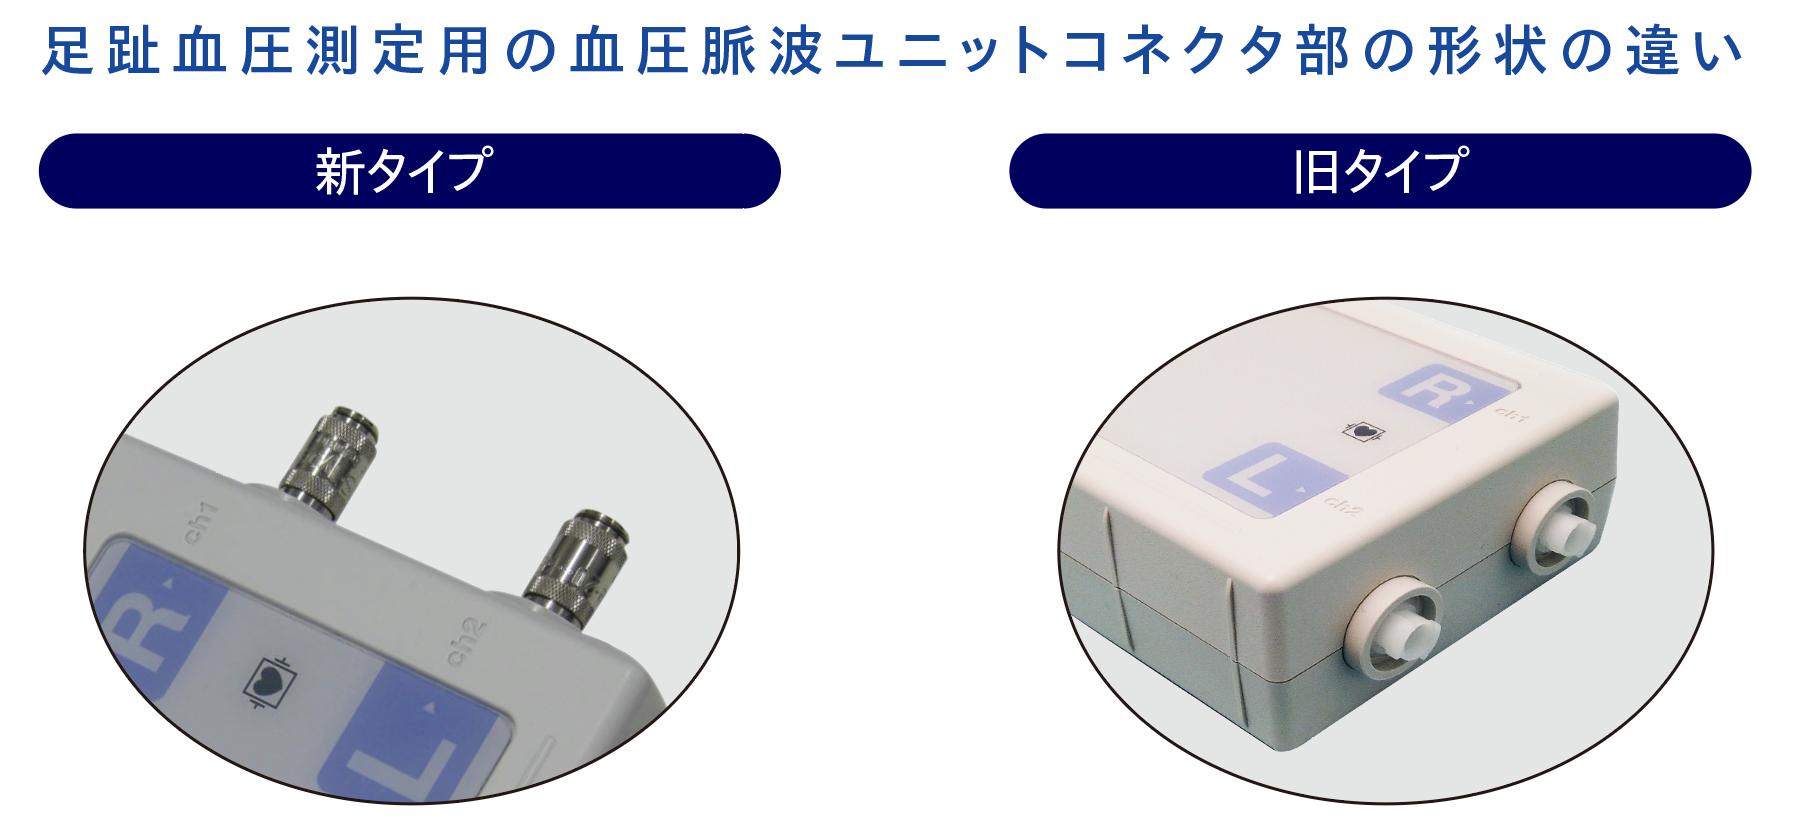 血圧脈波ユニット新旧形状の違い